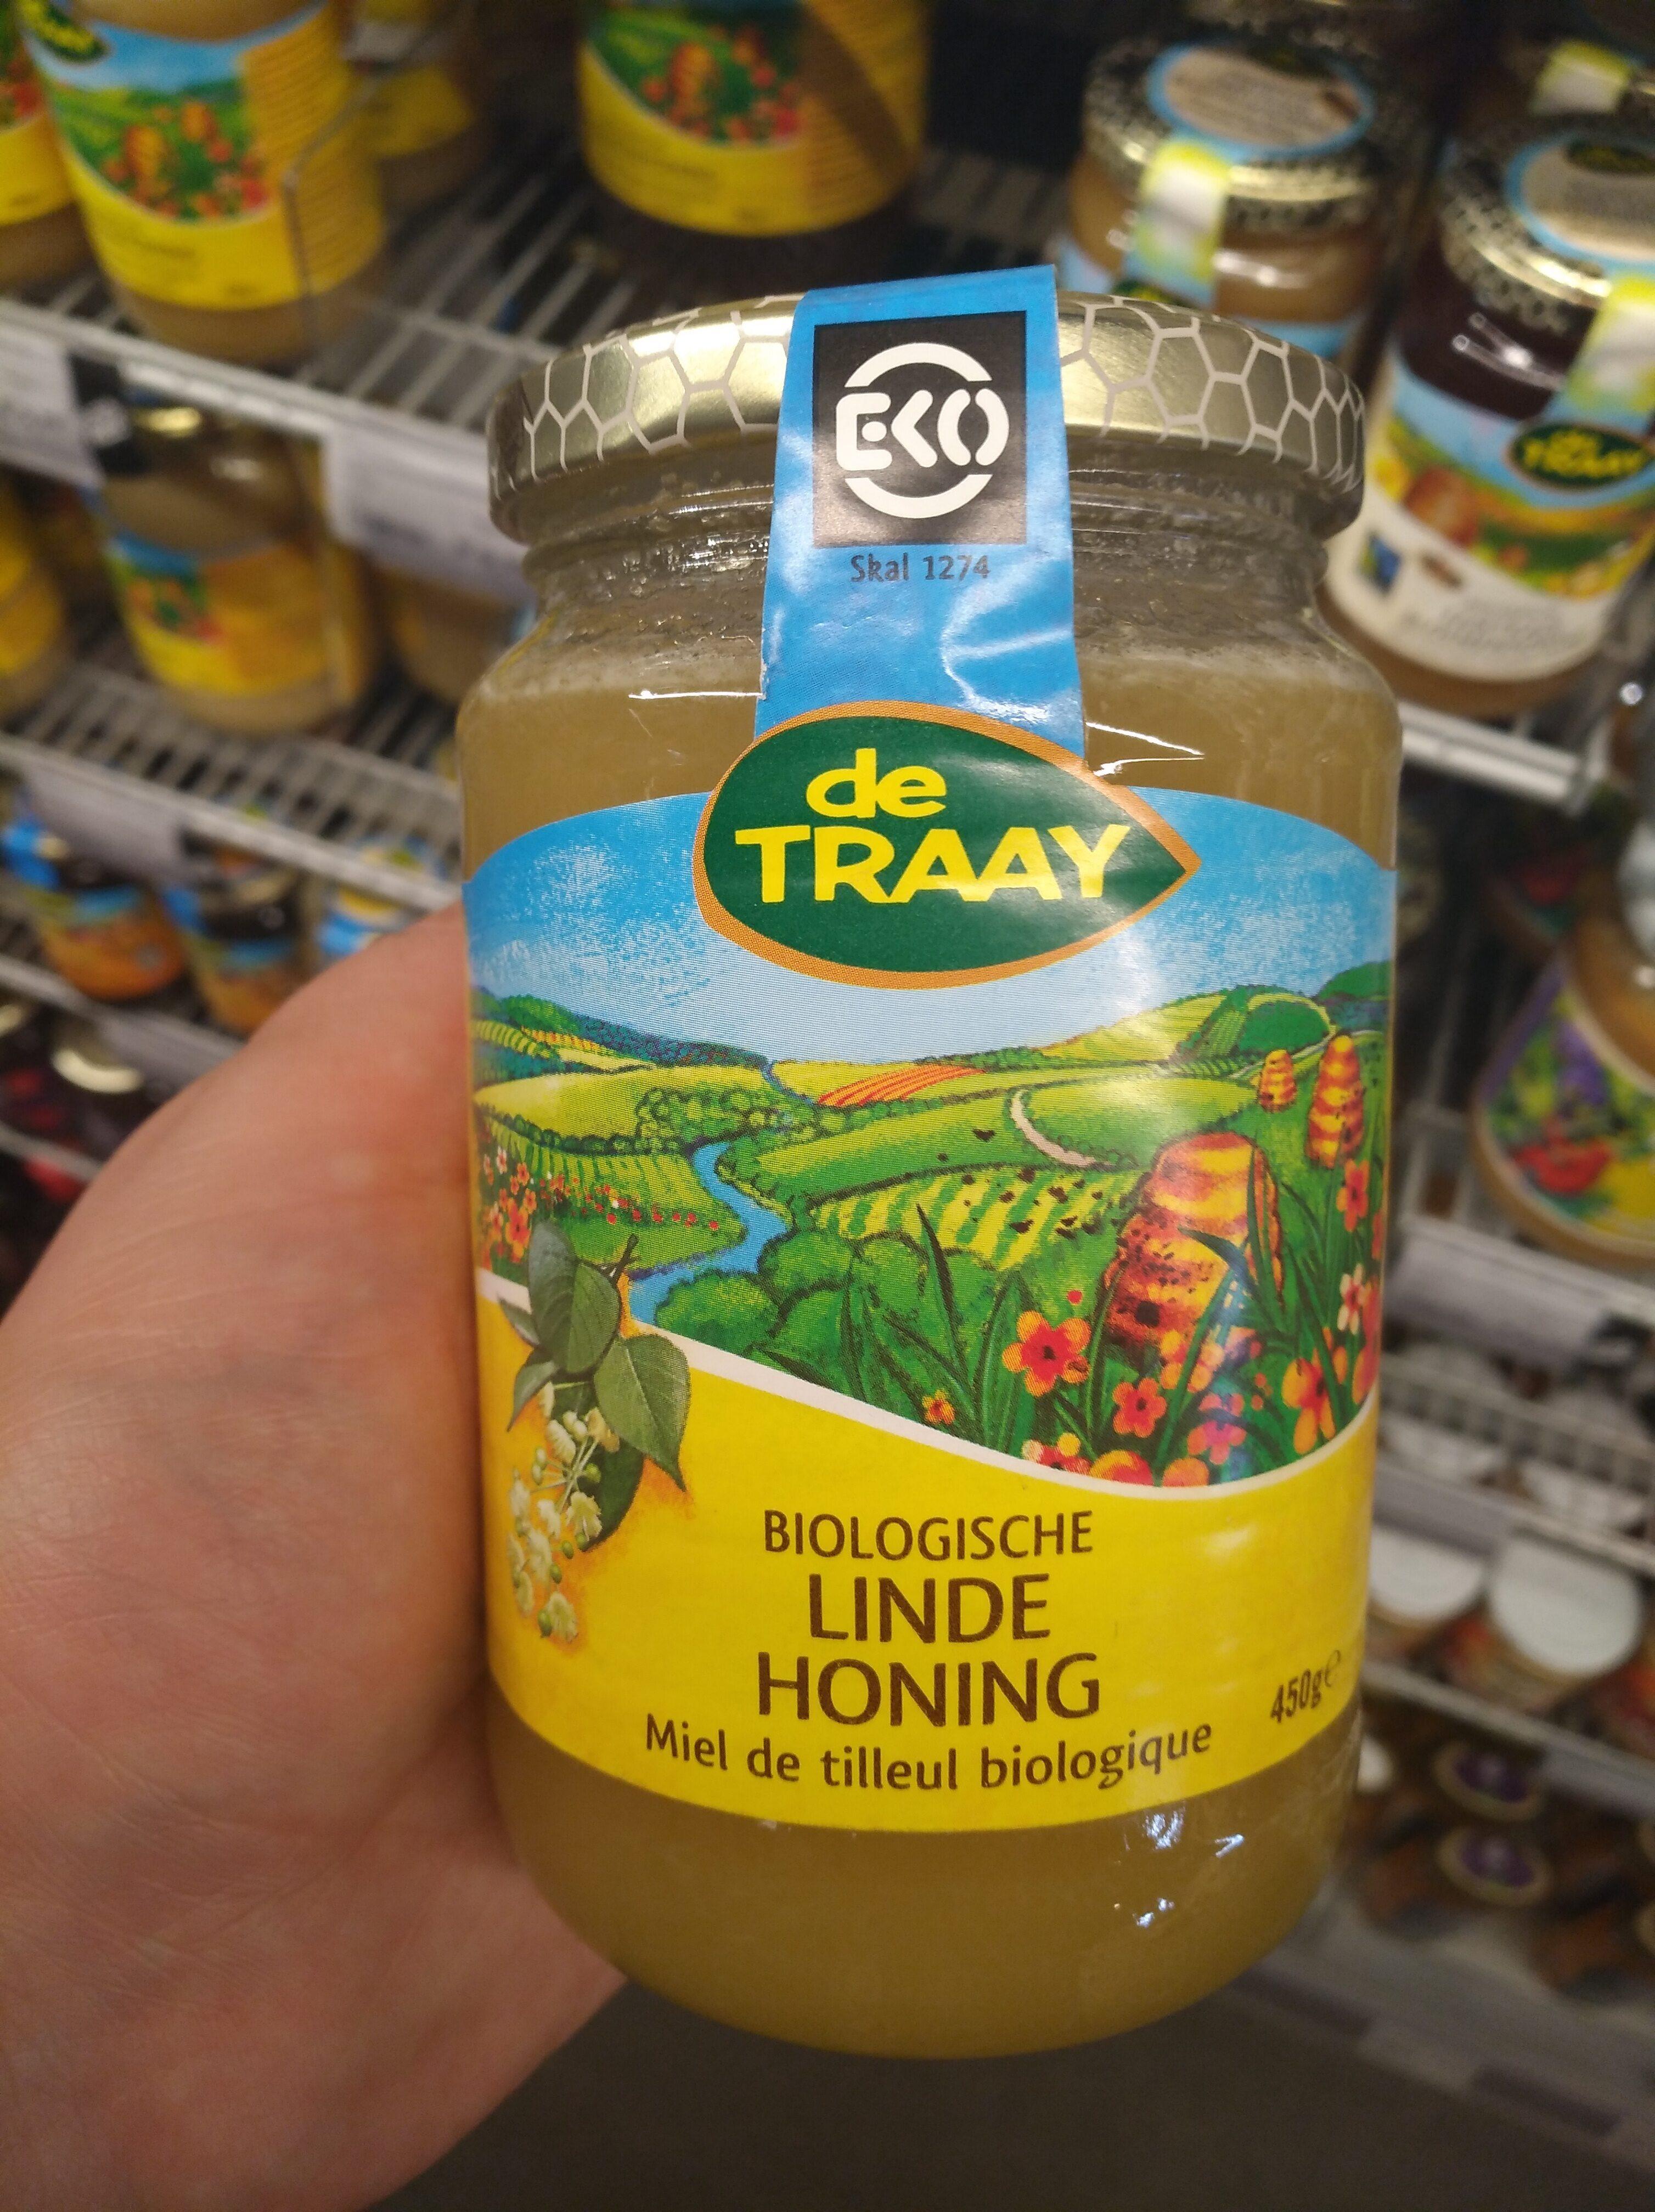 Traay Linde Honing Eko - Product - nl